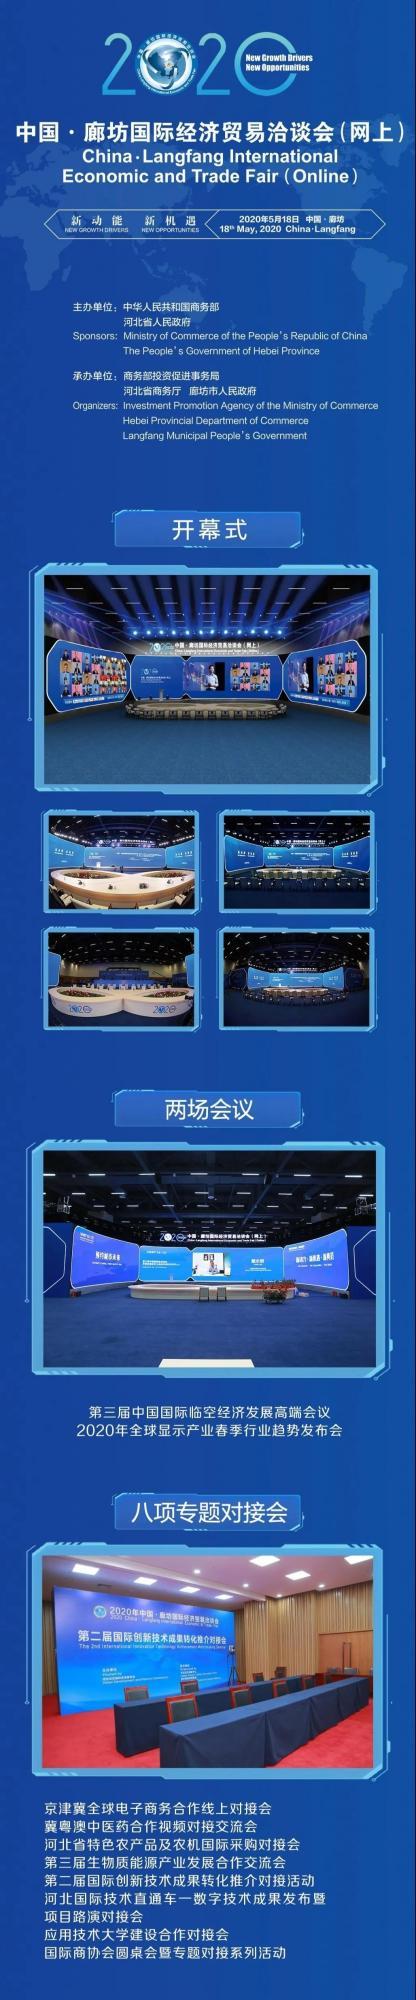 【开幕式】2020中国·廊坊国际经济贸易洽谈会(网上)